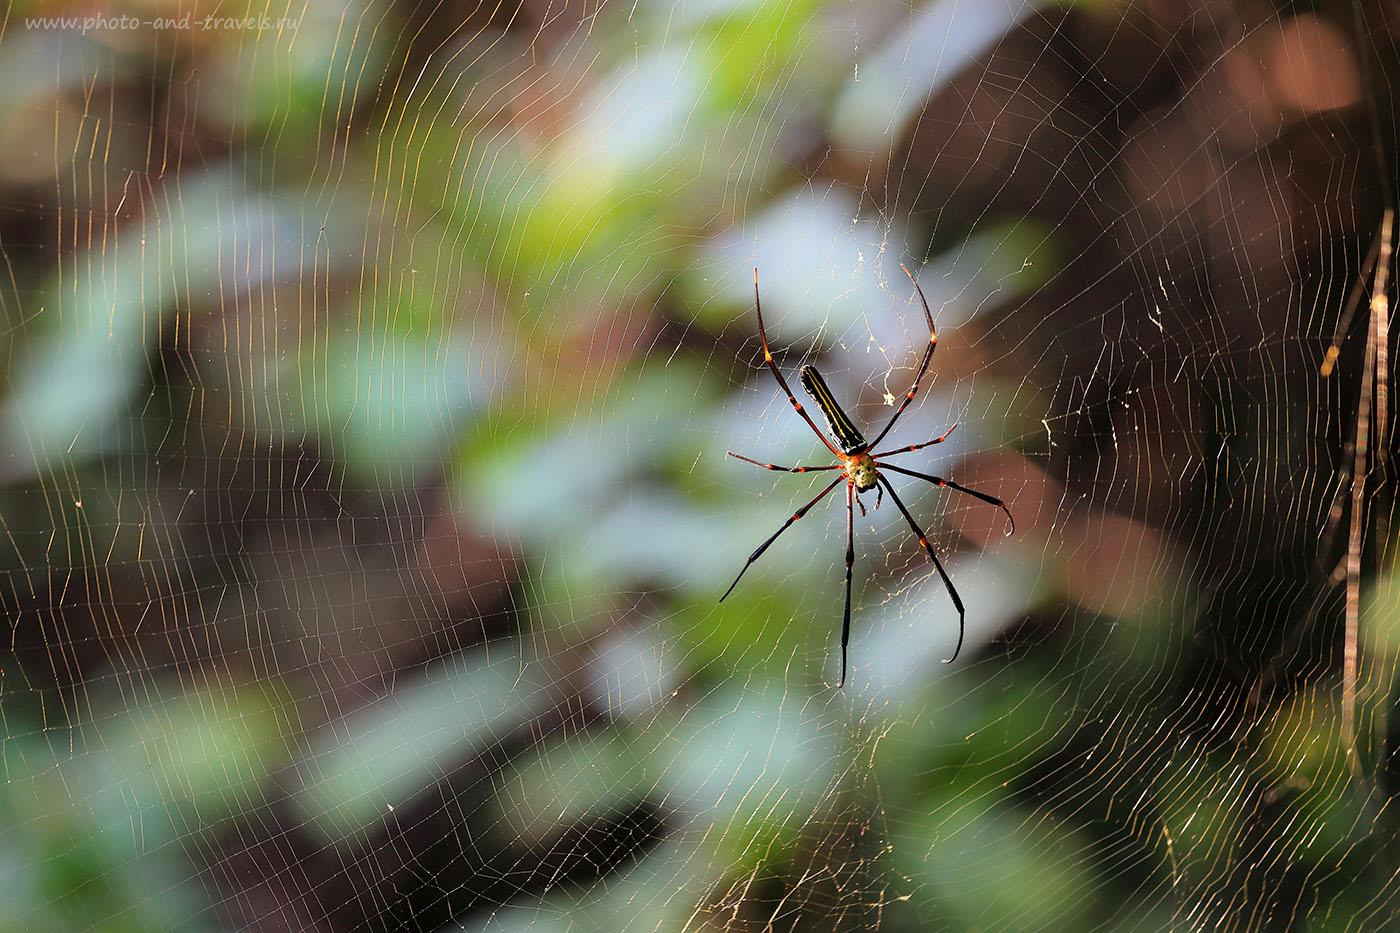 Фото 21. Паучиха. Отзыв о небольшом походе в джунгли на Южном Гоа. Самостоятельный отдых в Индии. Насколько здесь опасно (70-200, 1/80, 0eV, f6.3, 155mm, ISO 250)